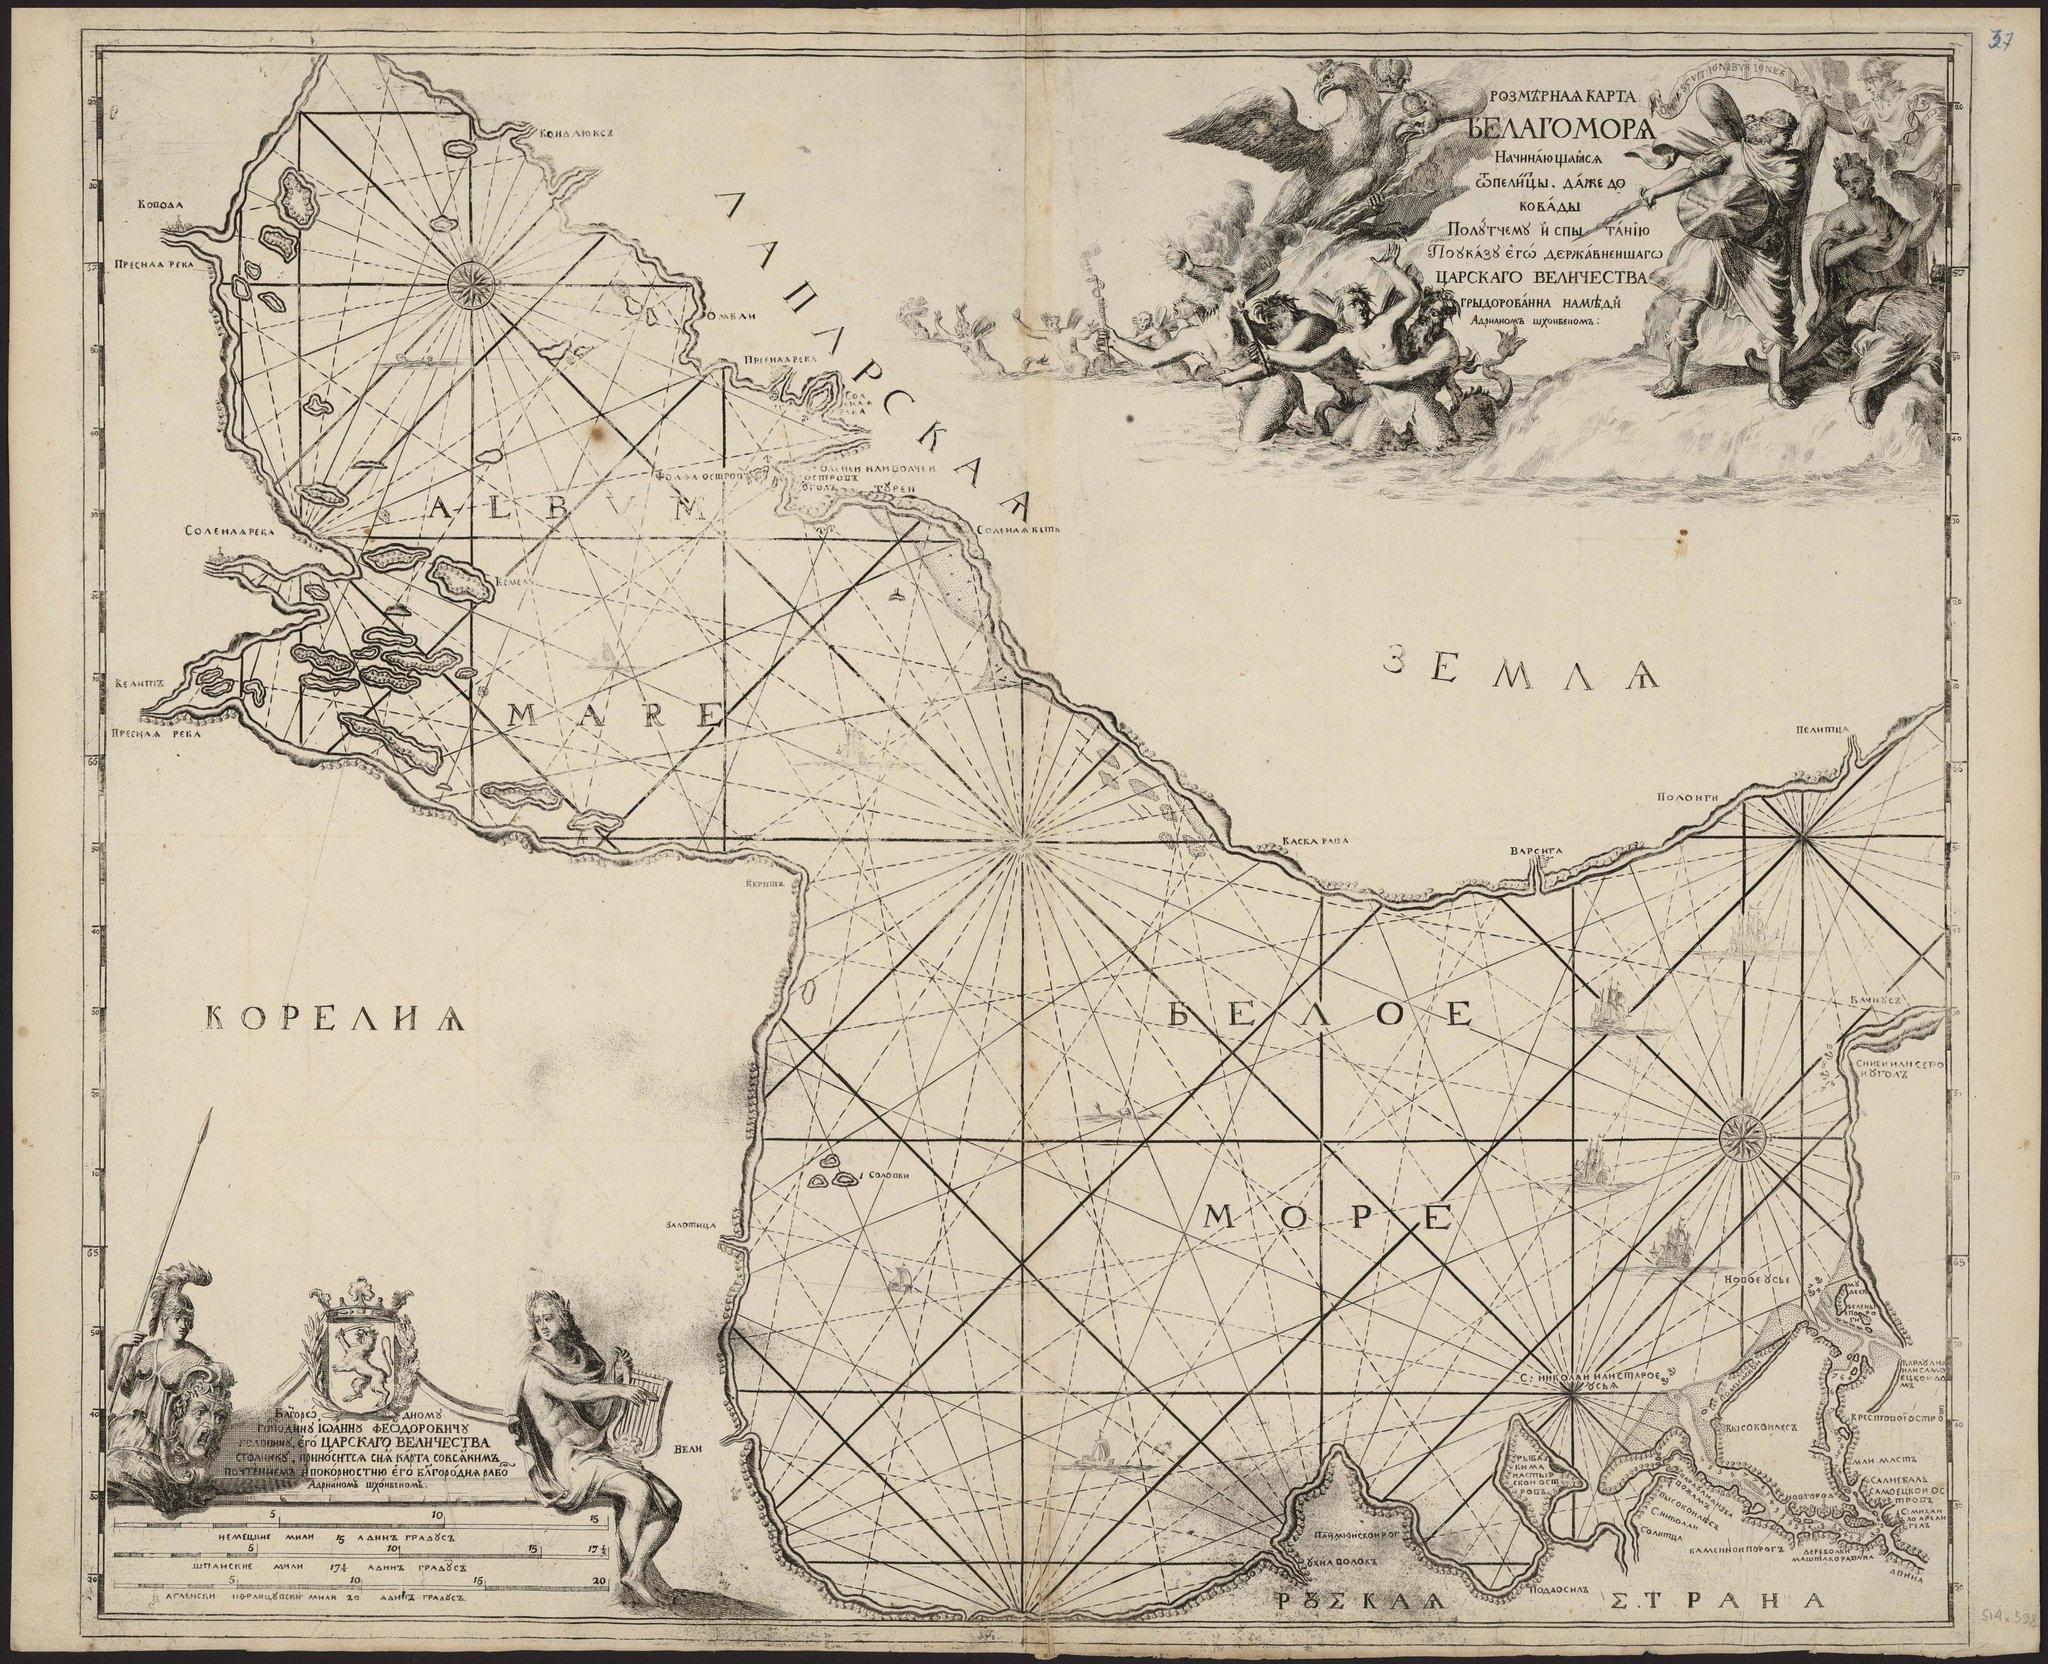 1702. Адриан Шхонебек. Розмерная карта Белаго моря начинающаяся от Пелитцы даже до Ковады